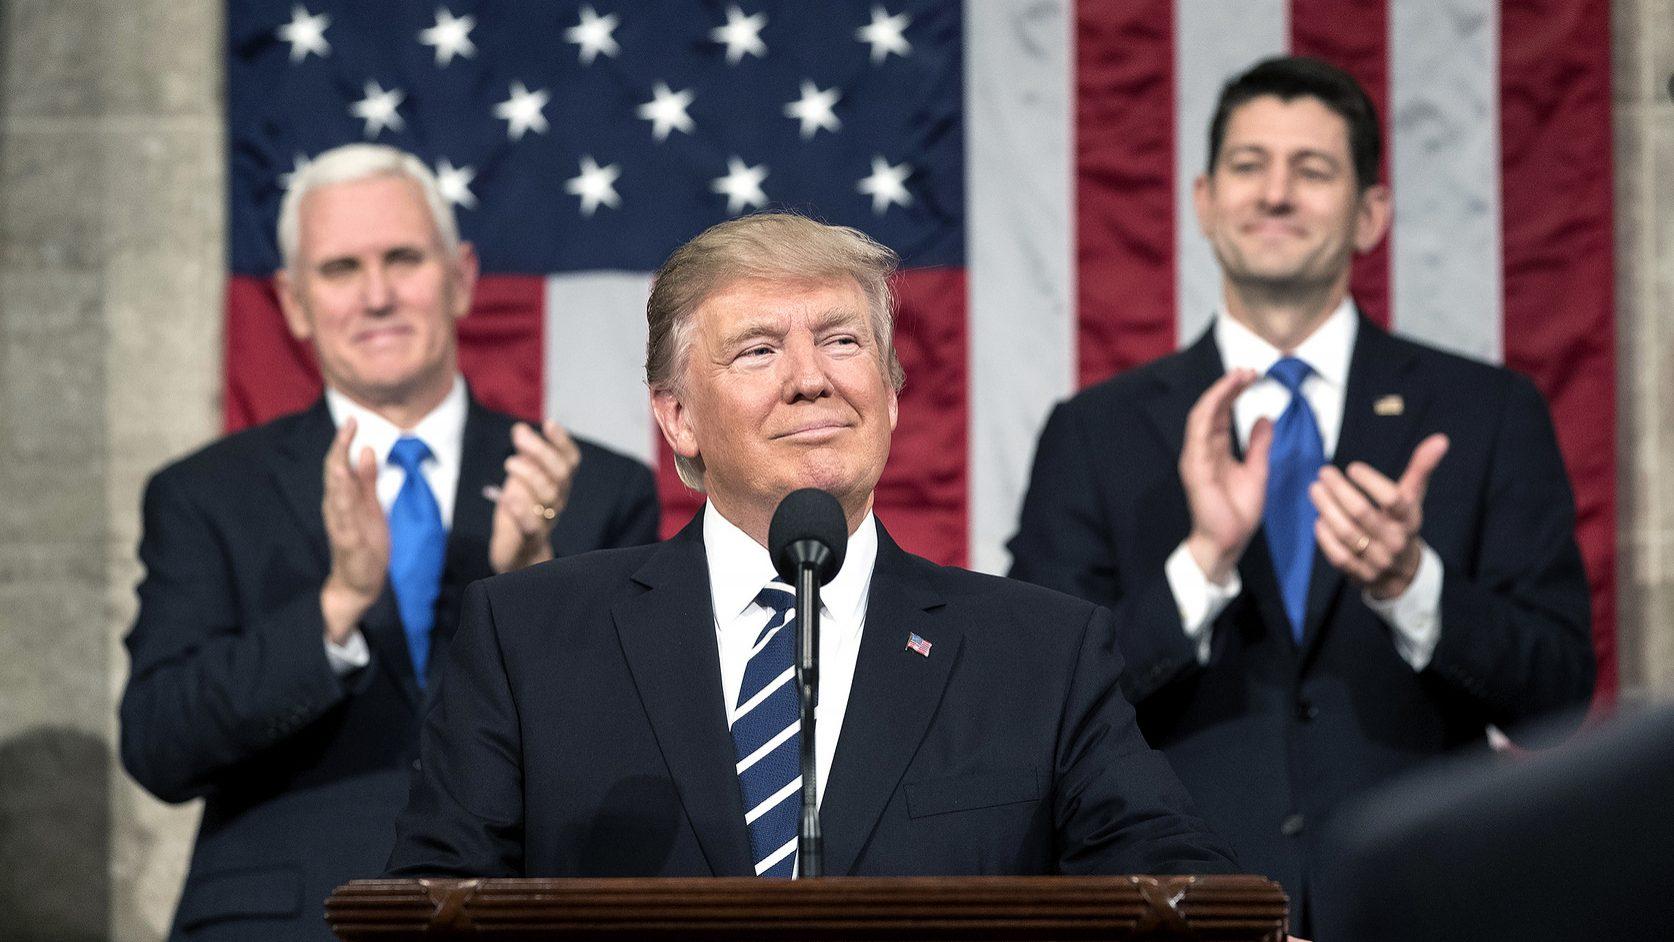 Guerra comercial de Trump prejudica trabalhadores e empresas norte-americanas